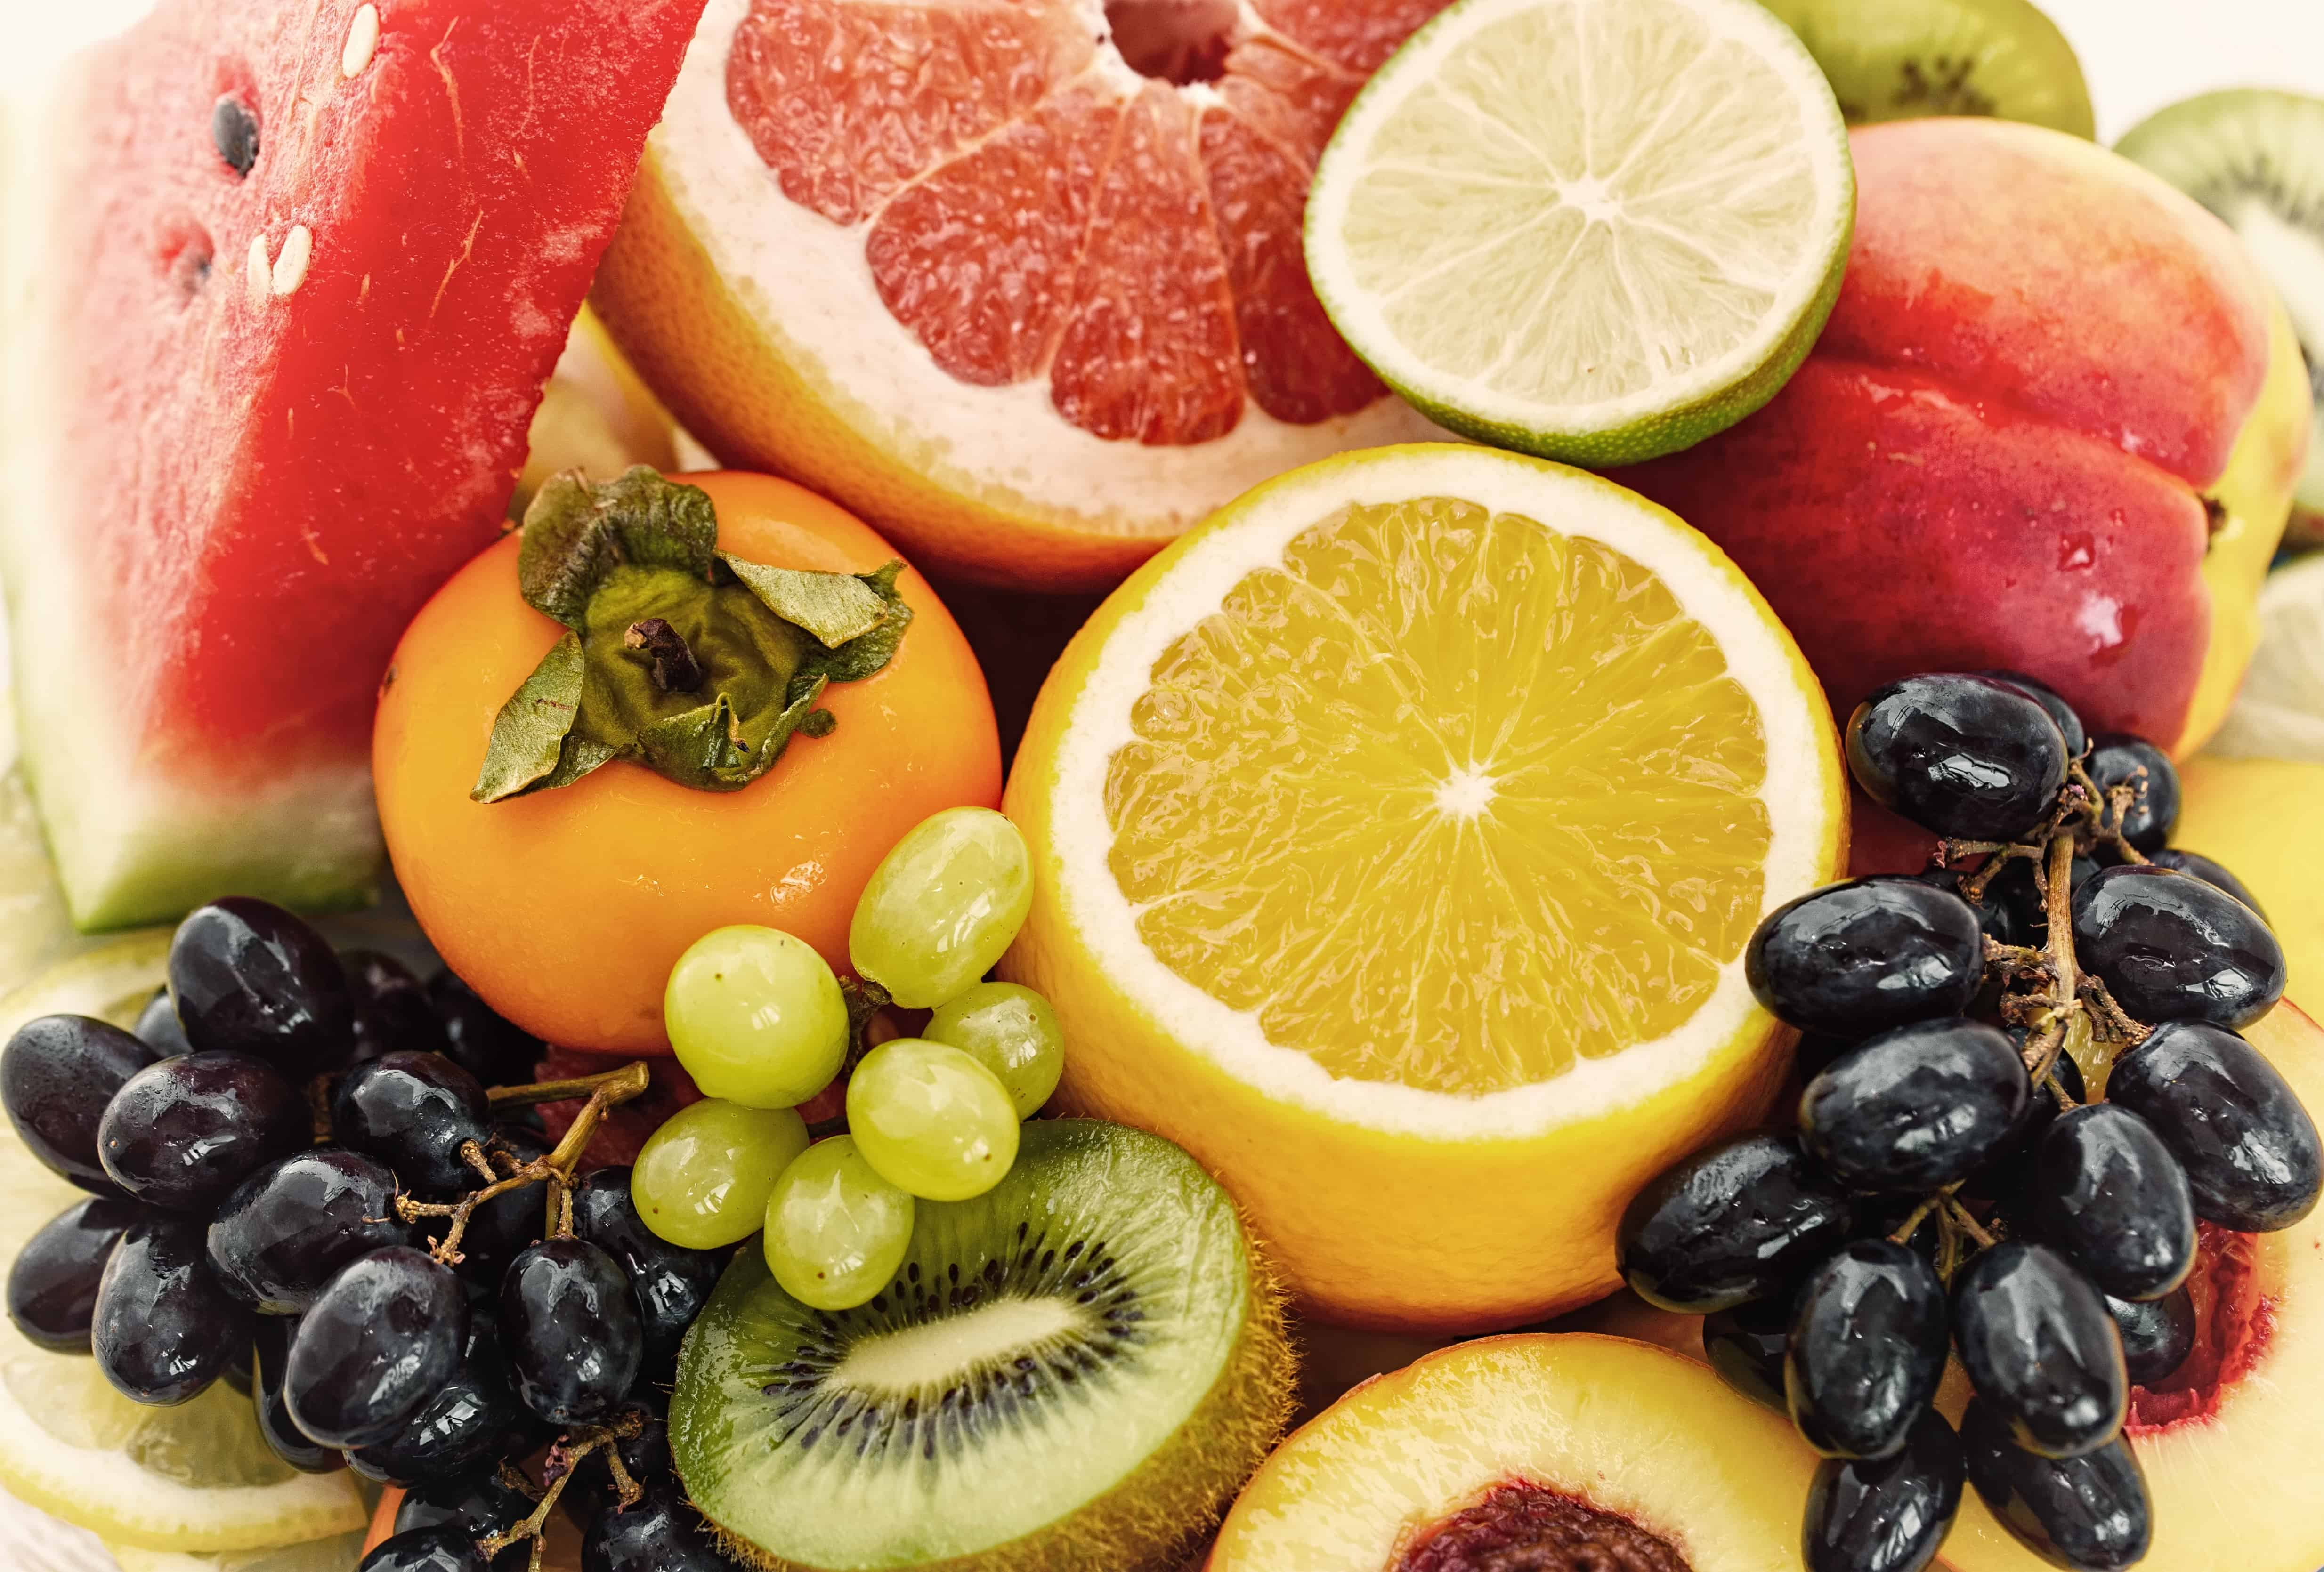 Fructoseintoleranz: Symptome, Ursachen und Behandlung